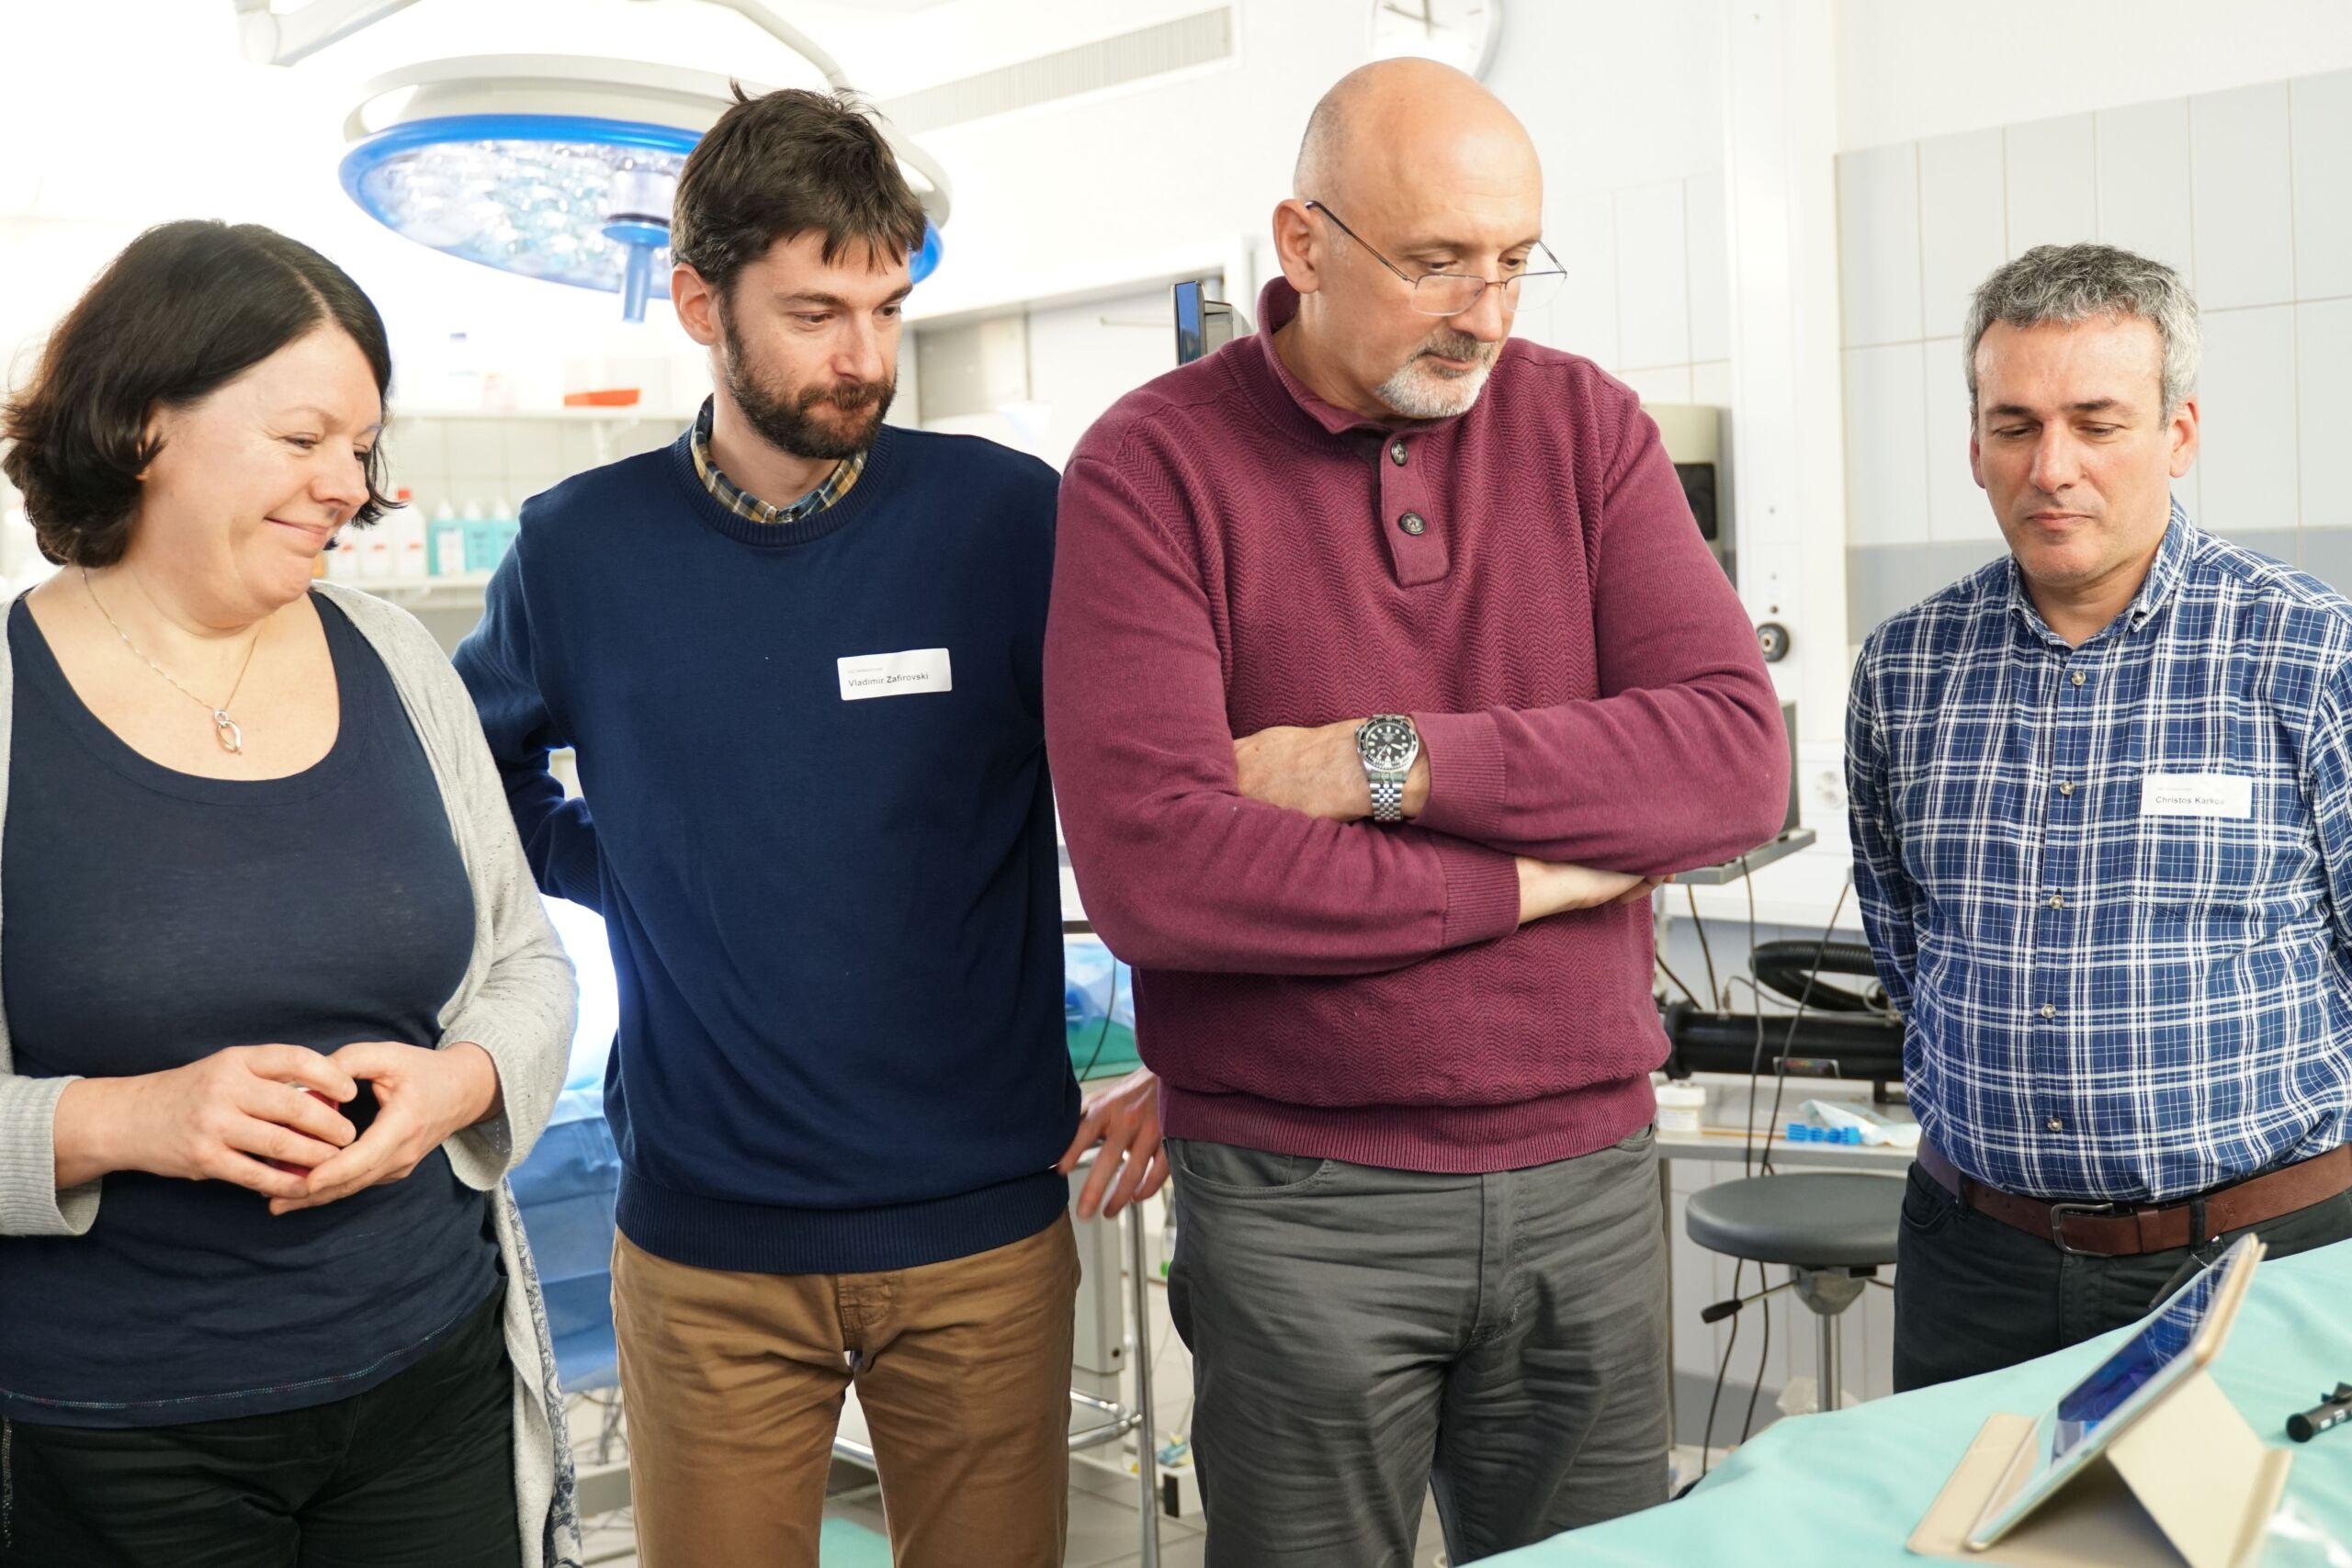 Drei Männer und eine Frau schauen sich eine Instruktion auf einem Tablet an